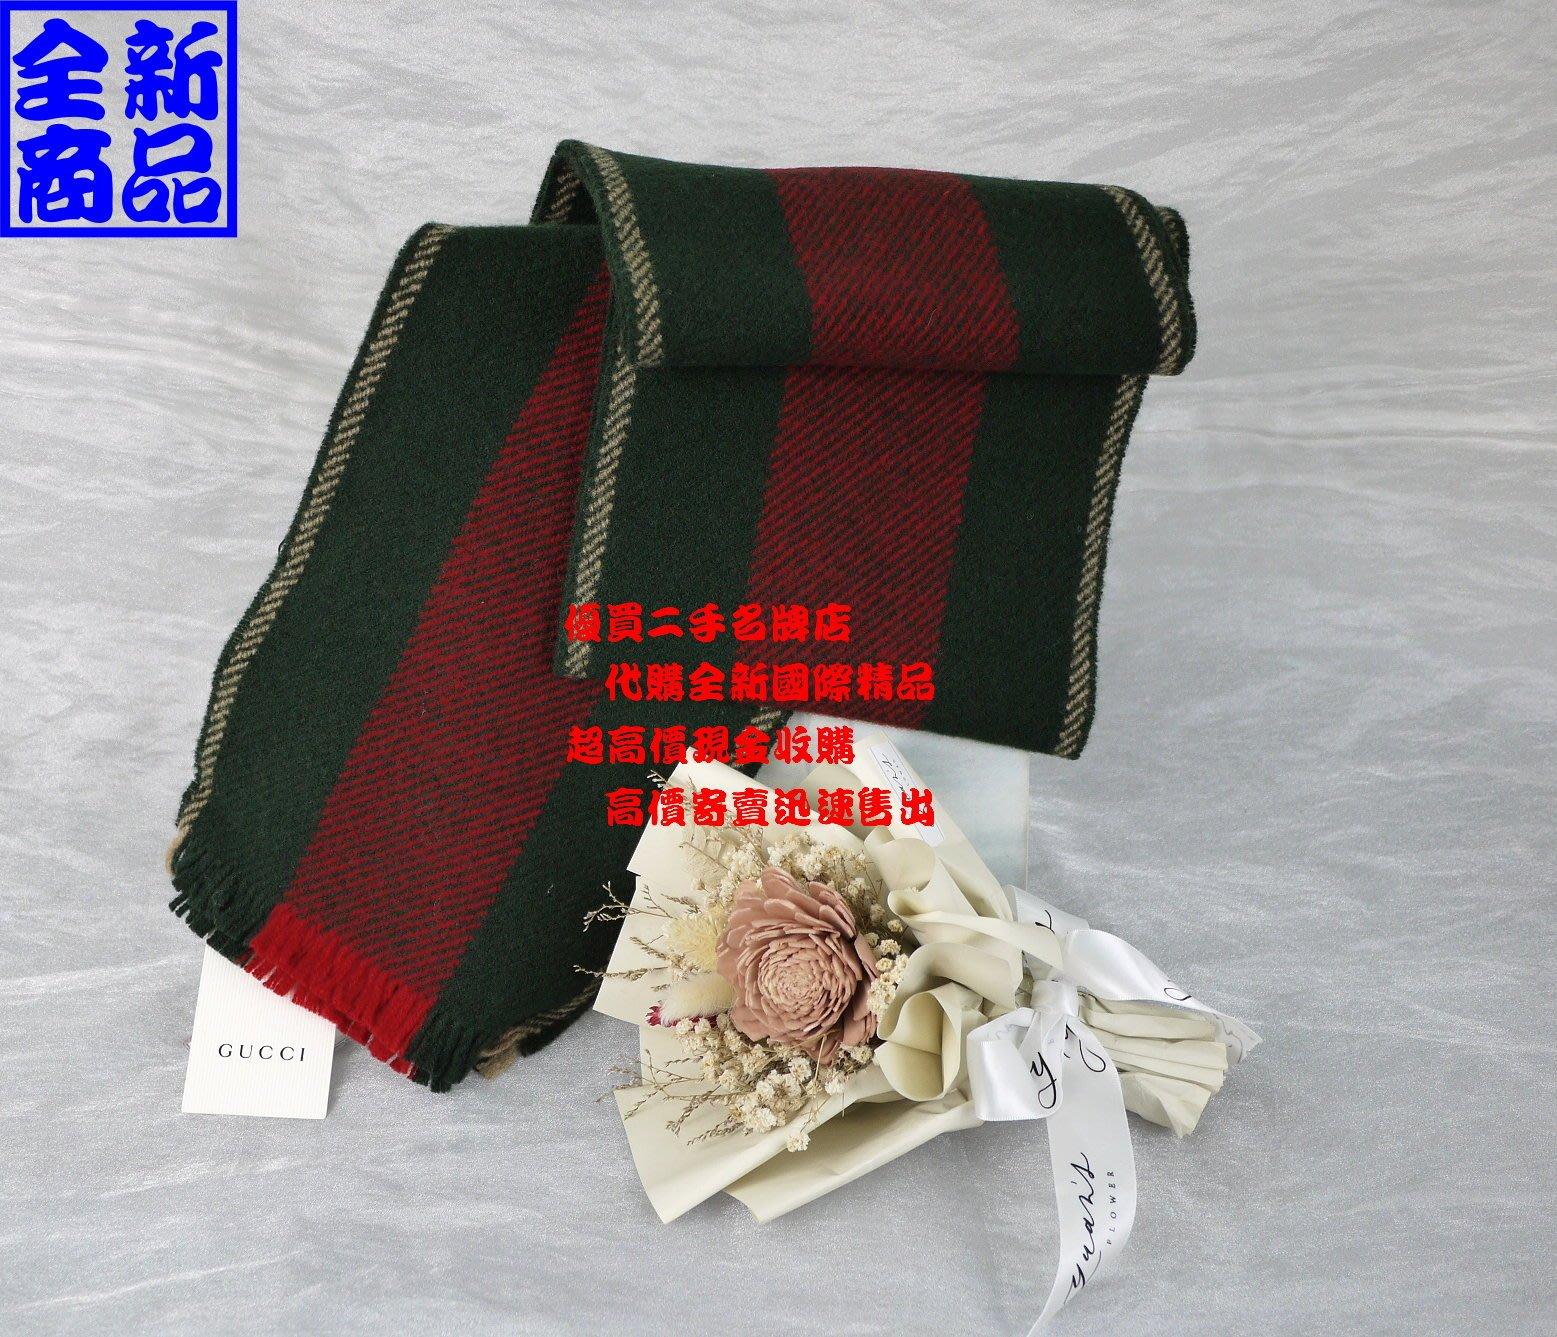 優買二手精品名牌店 GUCCI 408419 綠紅綠 經典 綠色 紅色 雙面 100%羊毛 長巾 圍巾 披巾 全新